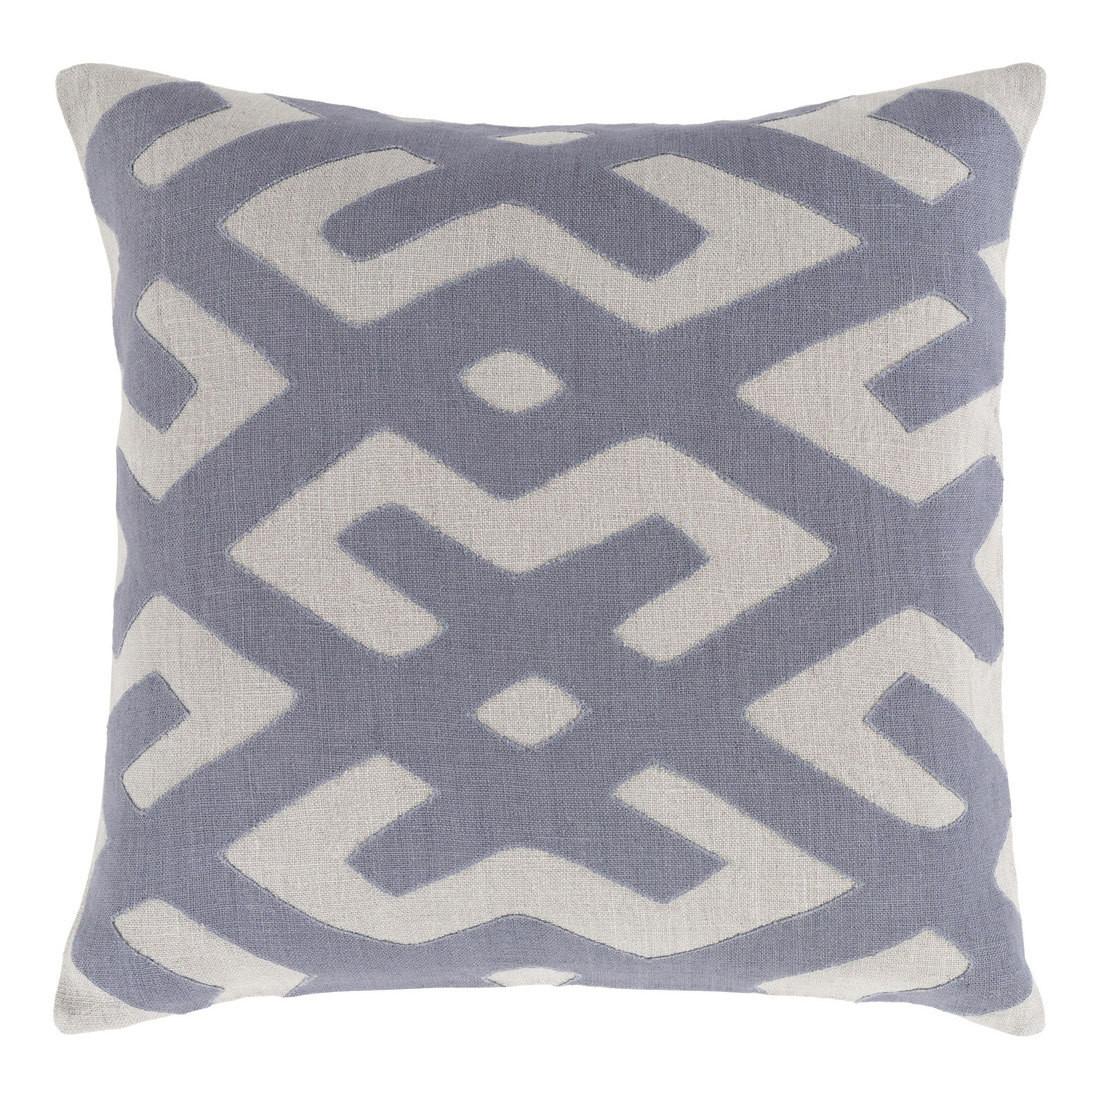 Modern Tribal Kasai Pillow - NRB-003 18 x 18 inches Linen Grey